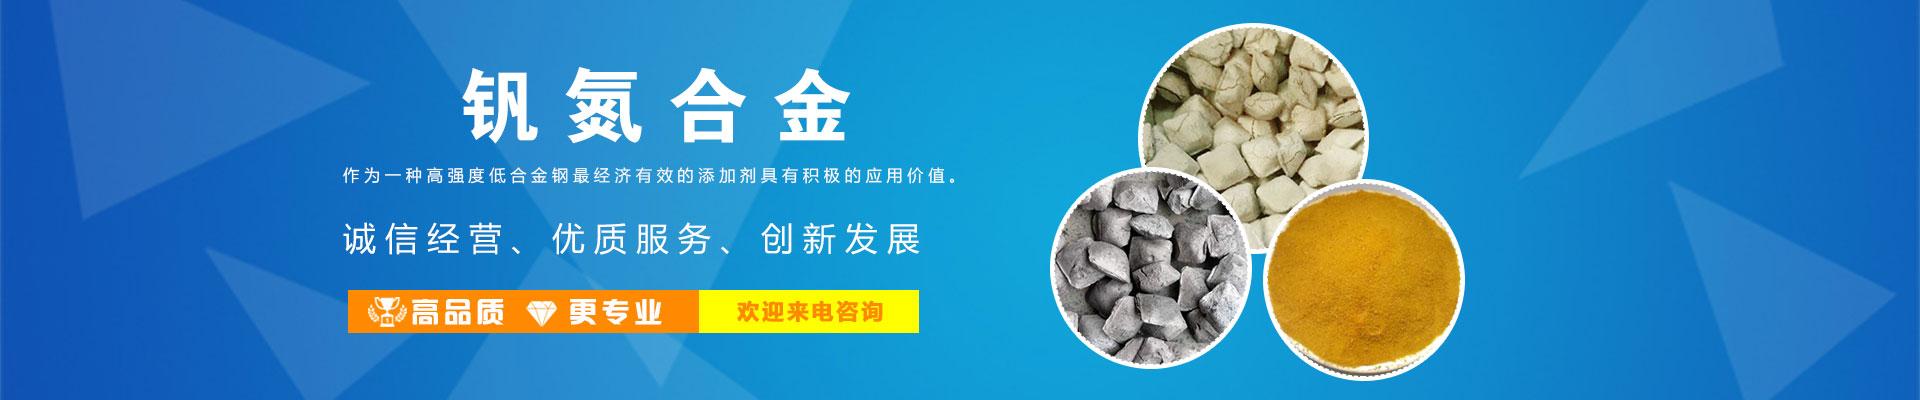 产品中心,钒氮合金销售